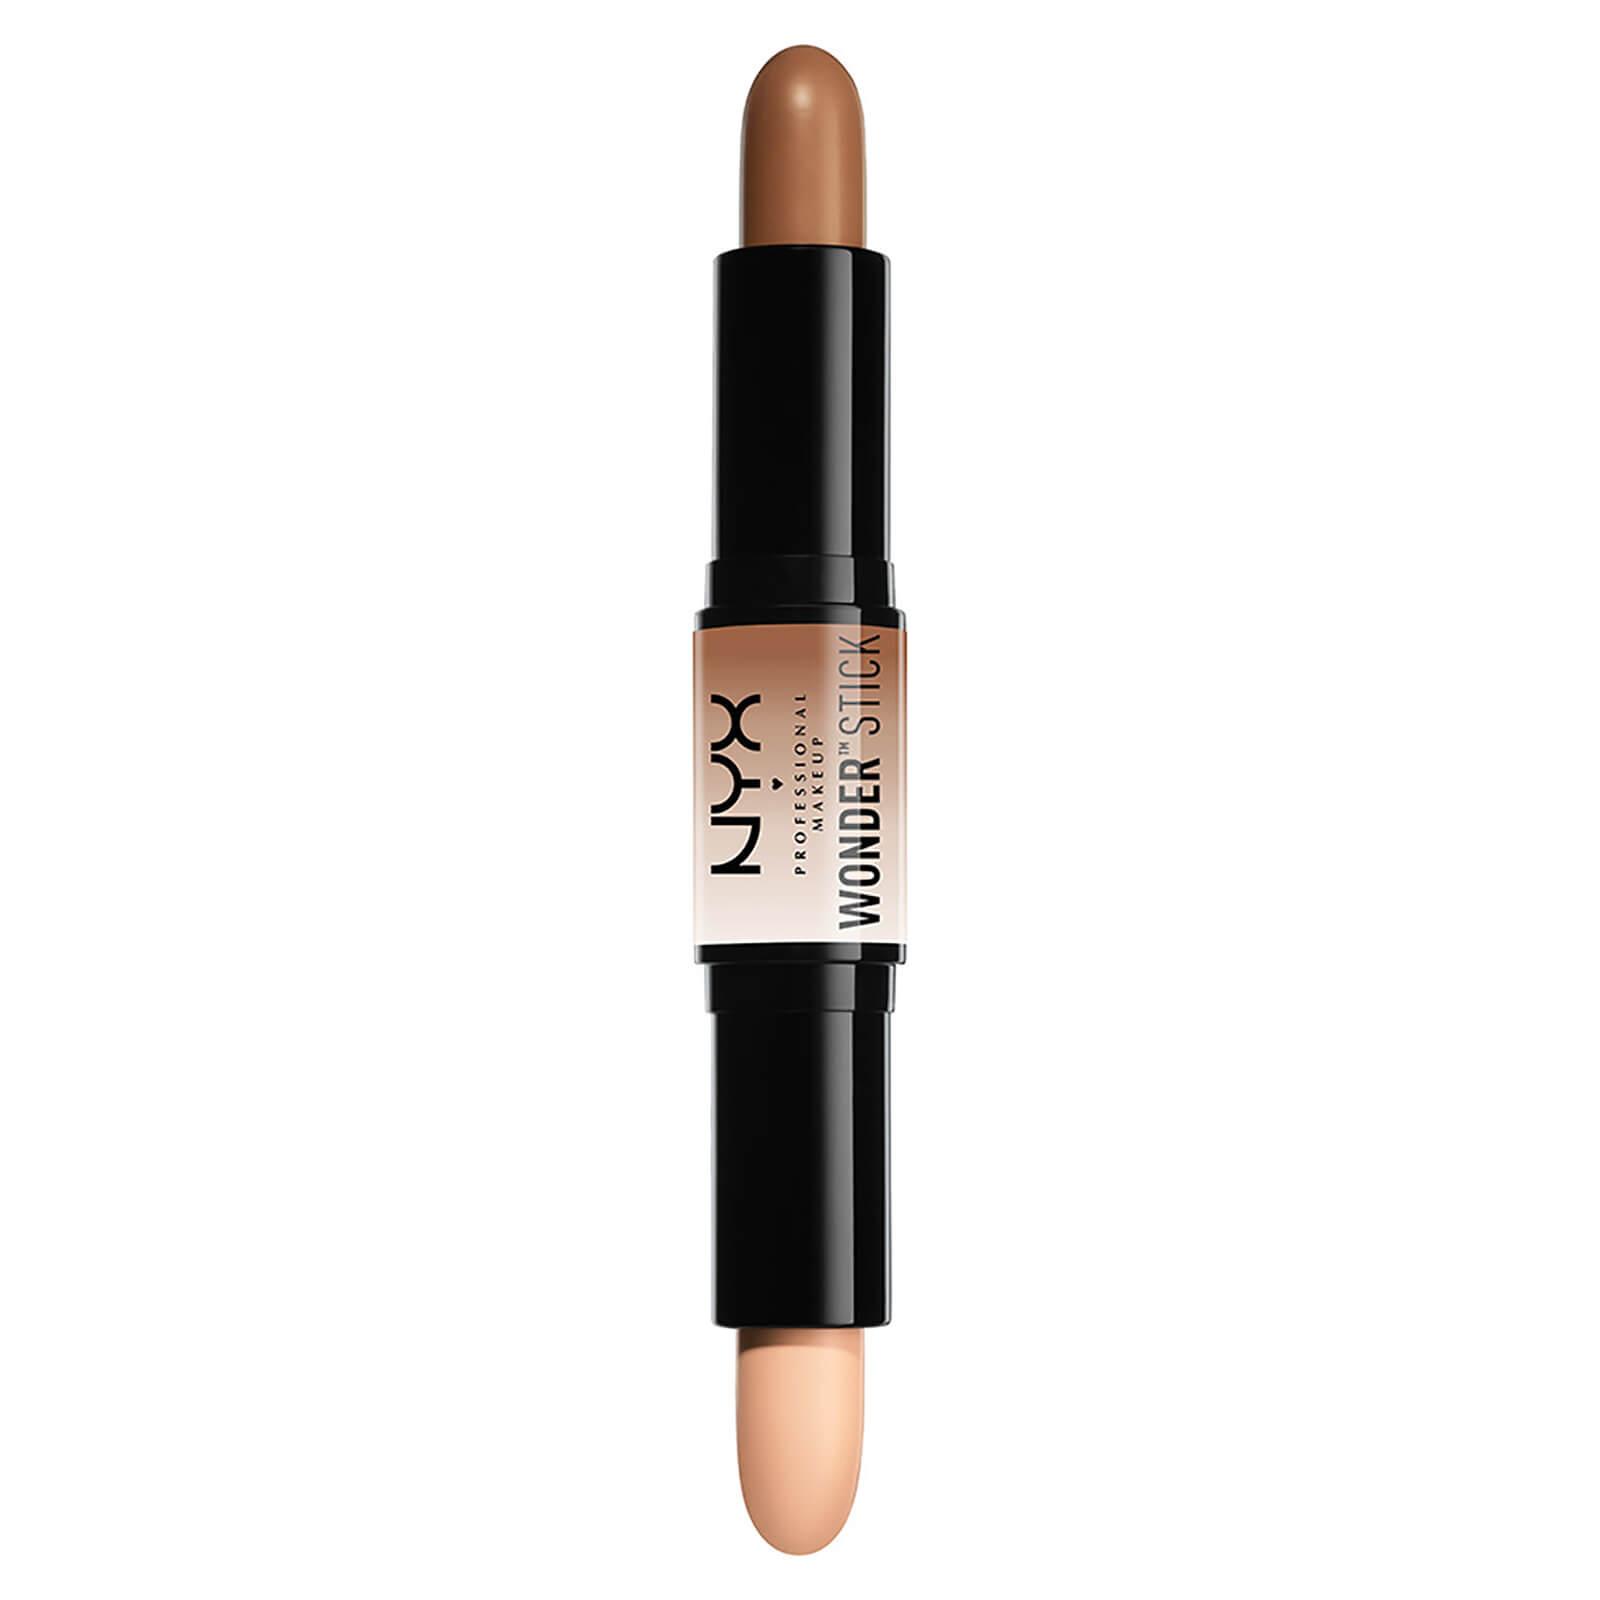 Купить Двойной карандаш для контурирования NYX Professional Makeup Wonder Stick - Highlight & Contour - Medium